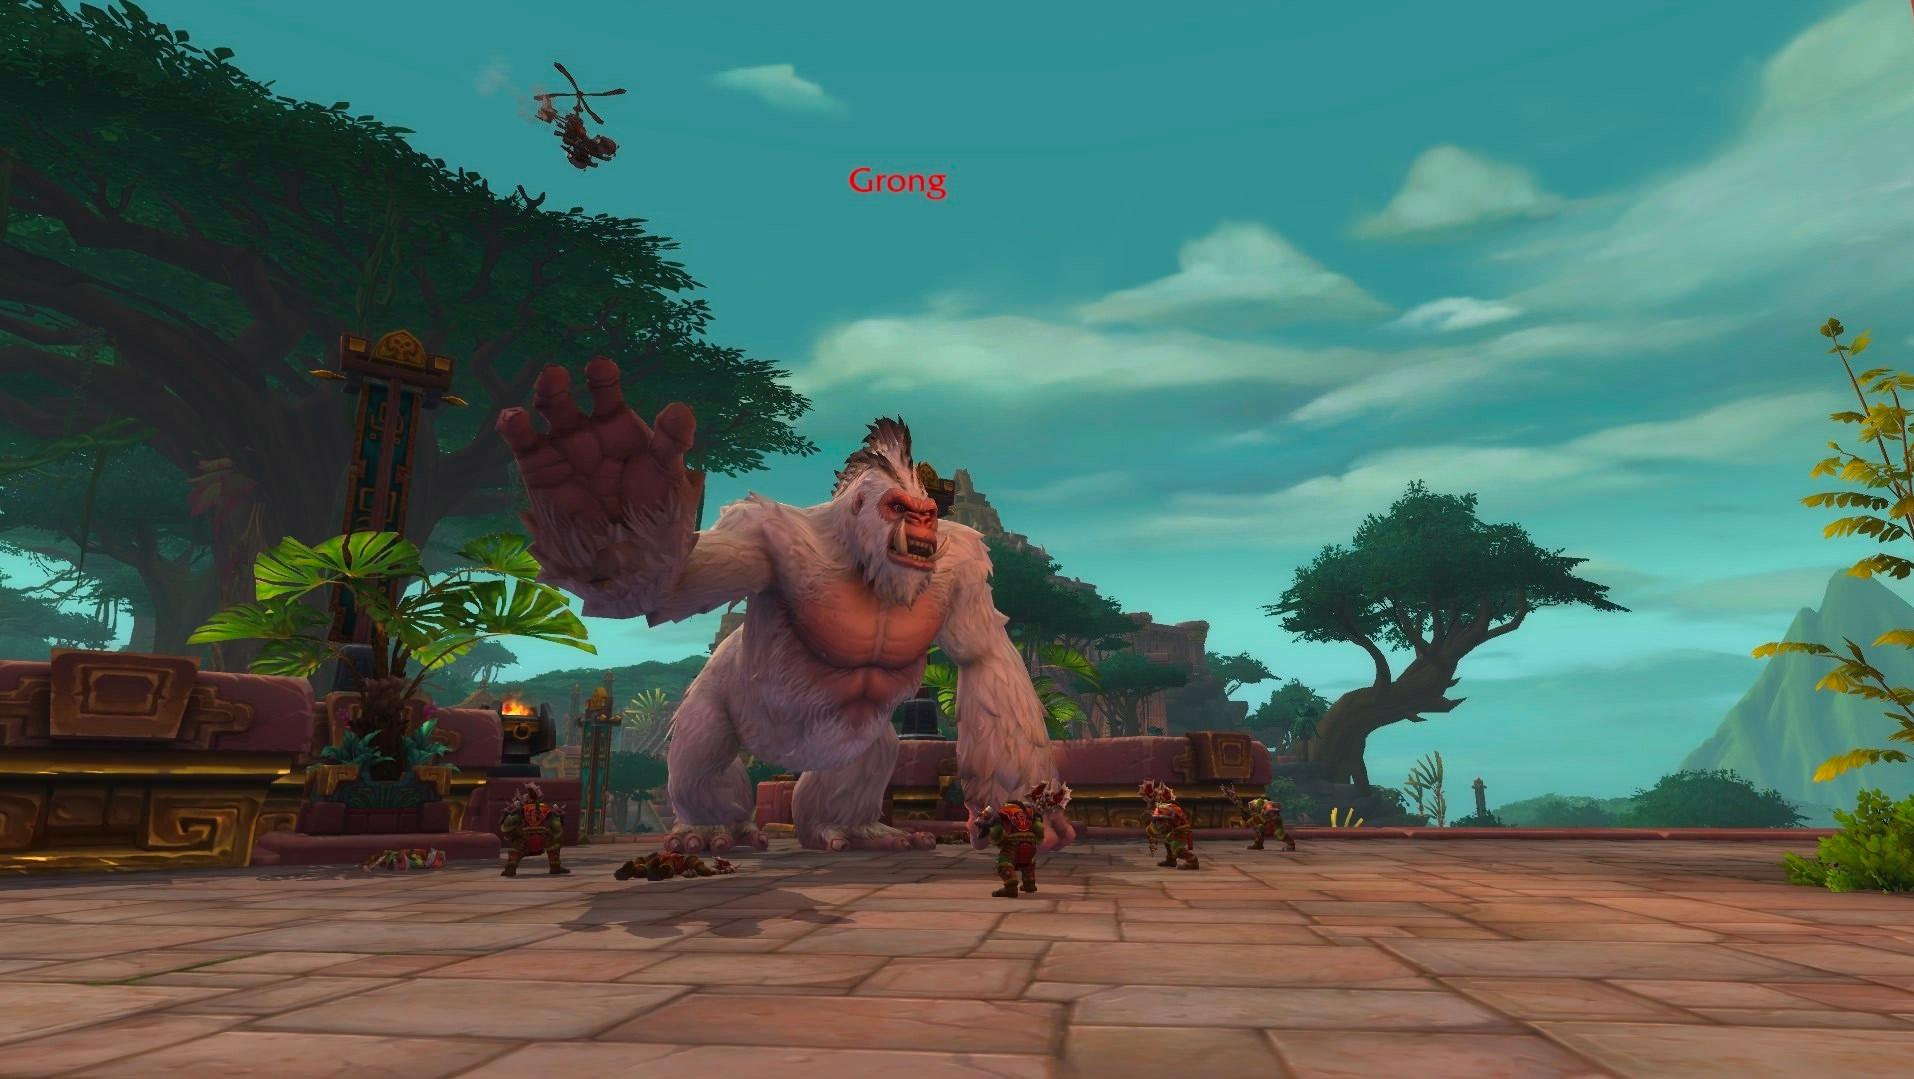 L'Alliance déploie Grong, un singe géant contre la Horde